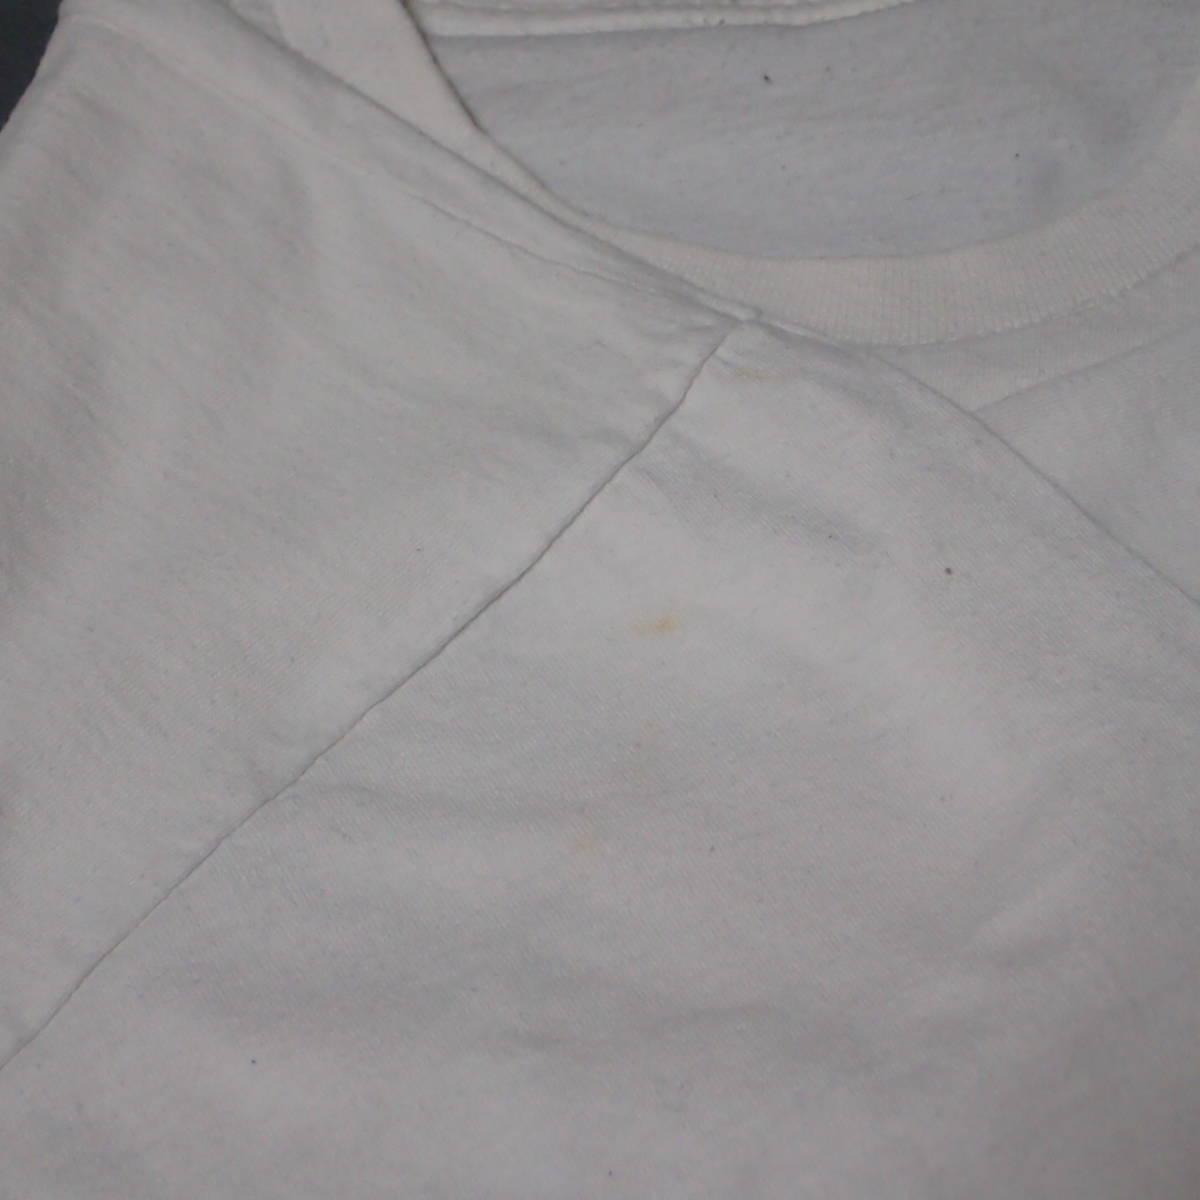 ■ 90s GBH Vintage T-shirt ■ ジービーエイチ ヴィンテージ Tシャツ 白 コットン 当時物 本物 バンドT ロックT G.B.H パンク_画像7